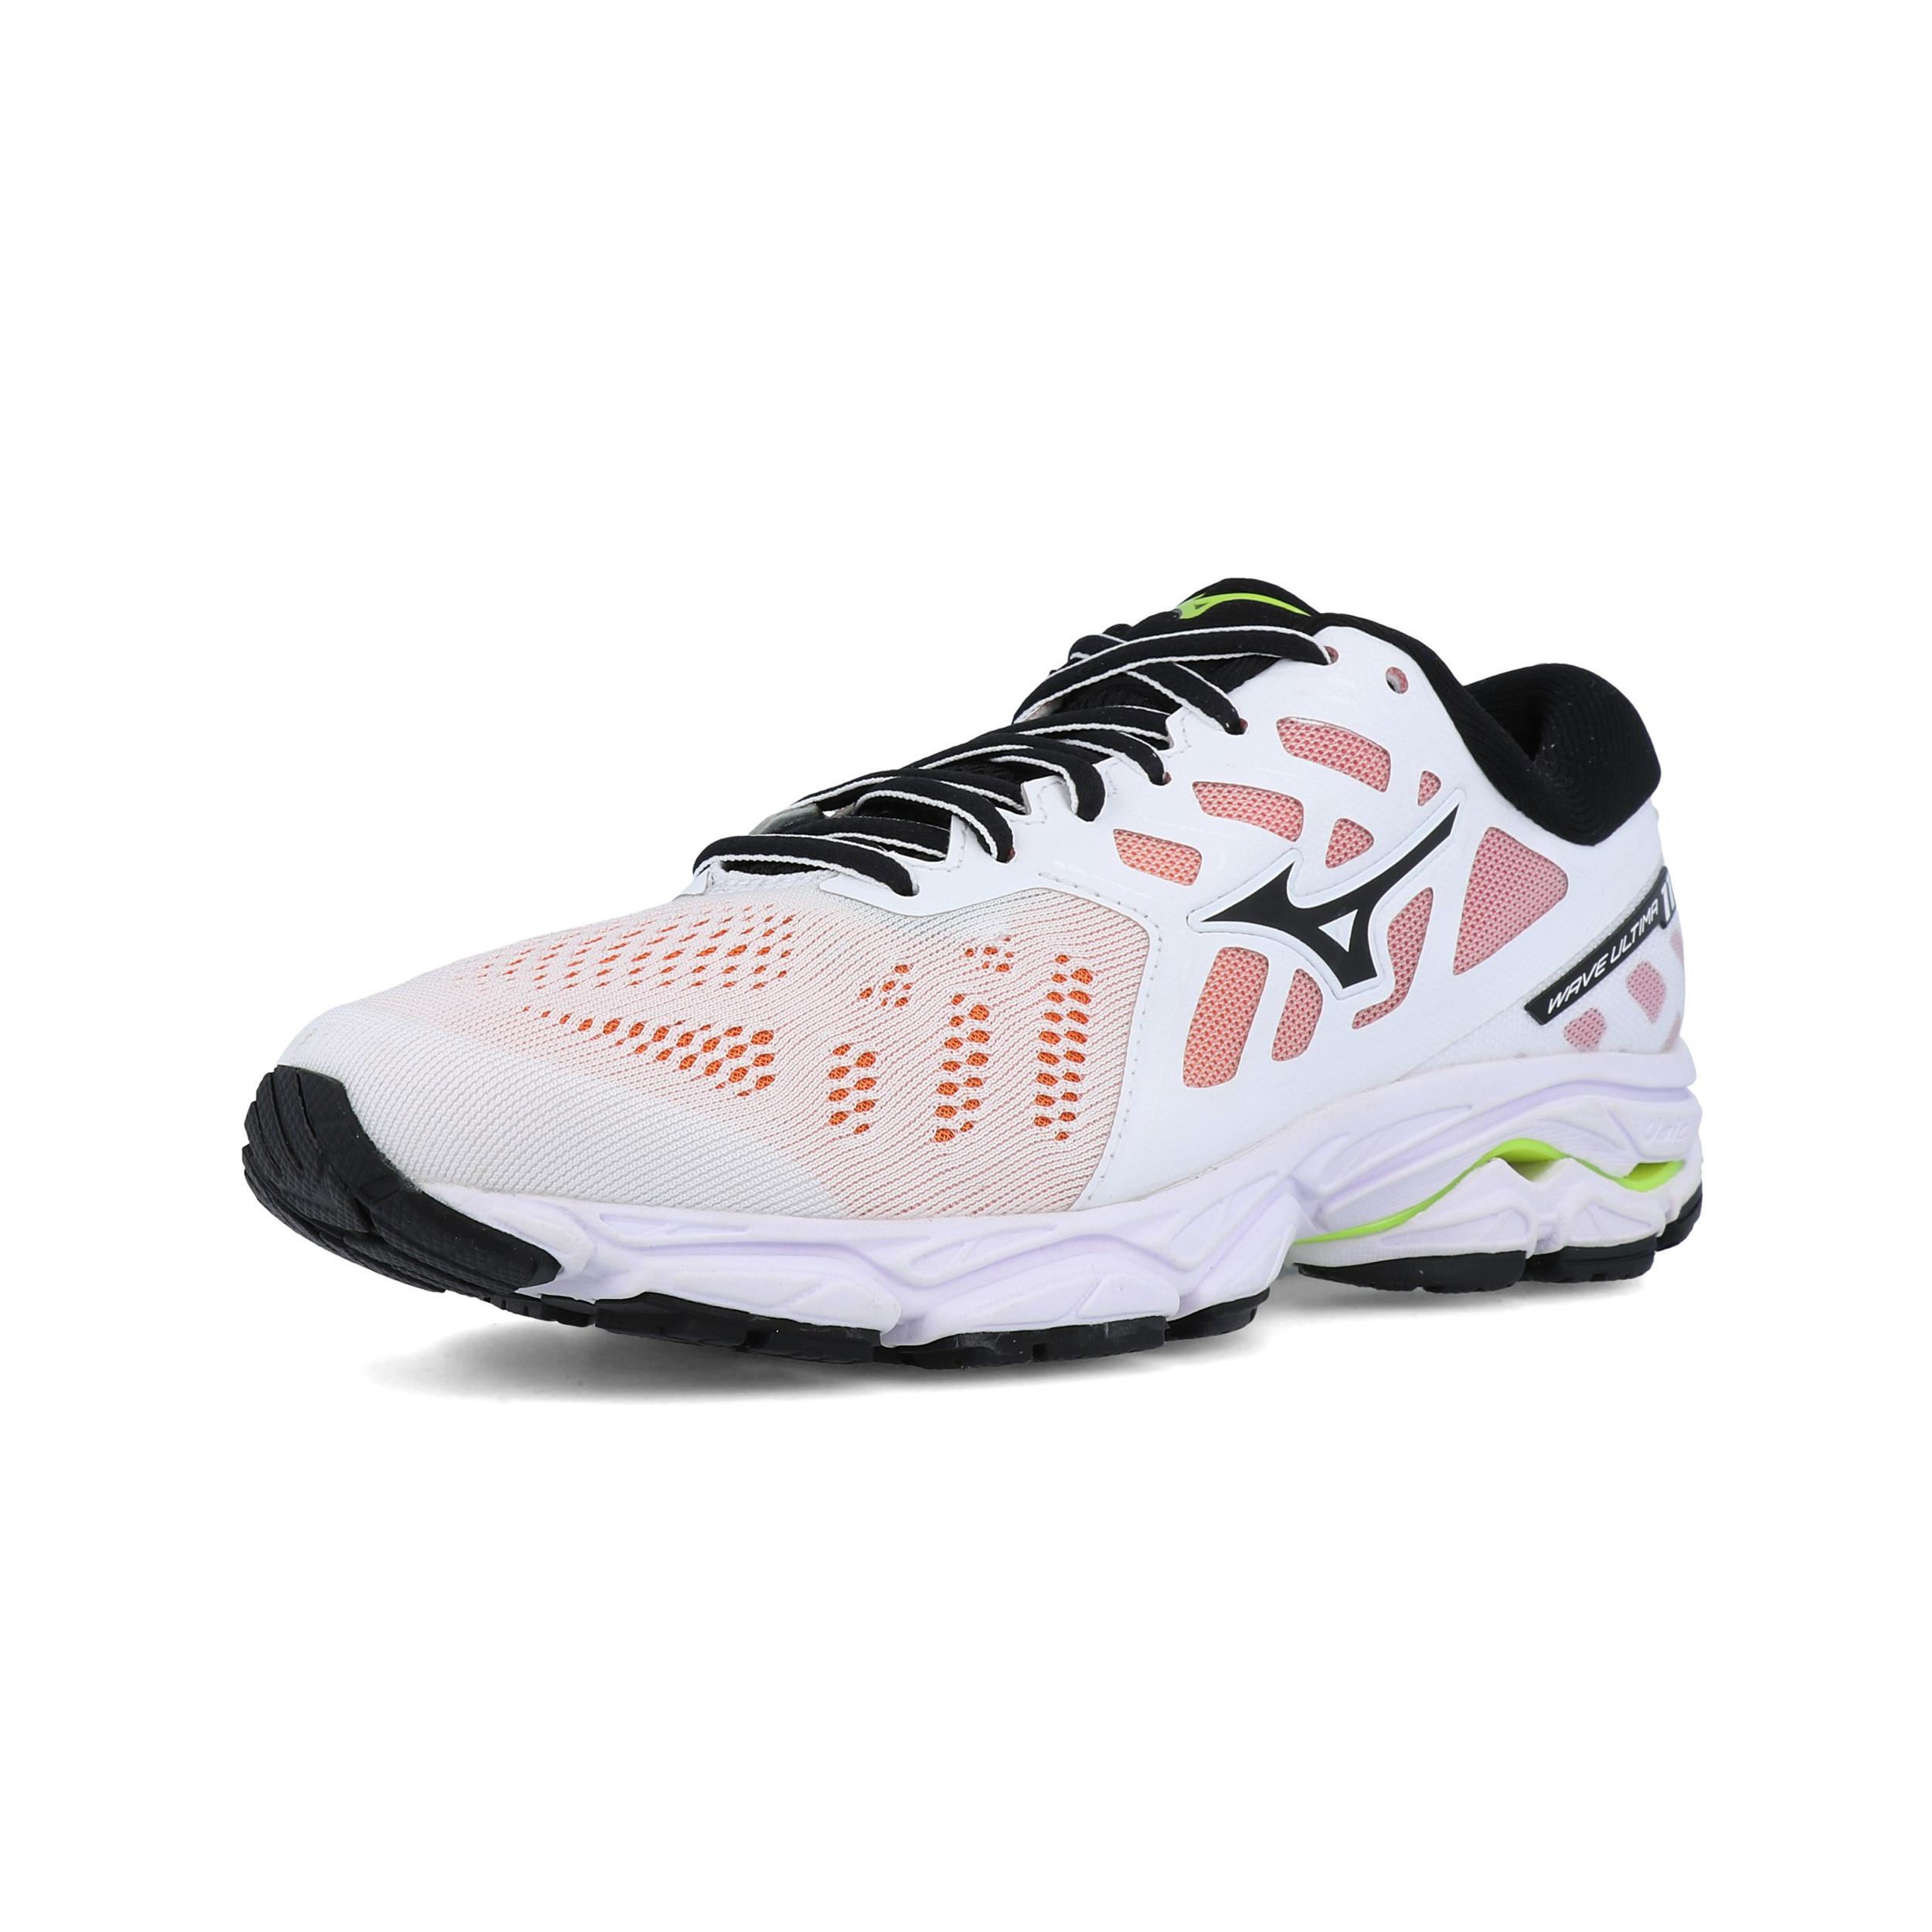 Détails sur Mizuno Femme Wave Ultima 11 Chaussures De Course Baskets Sneakers Blanc Sports afficher le titre d'origine